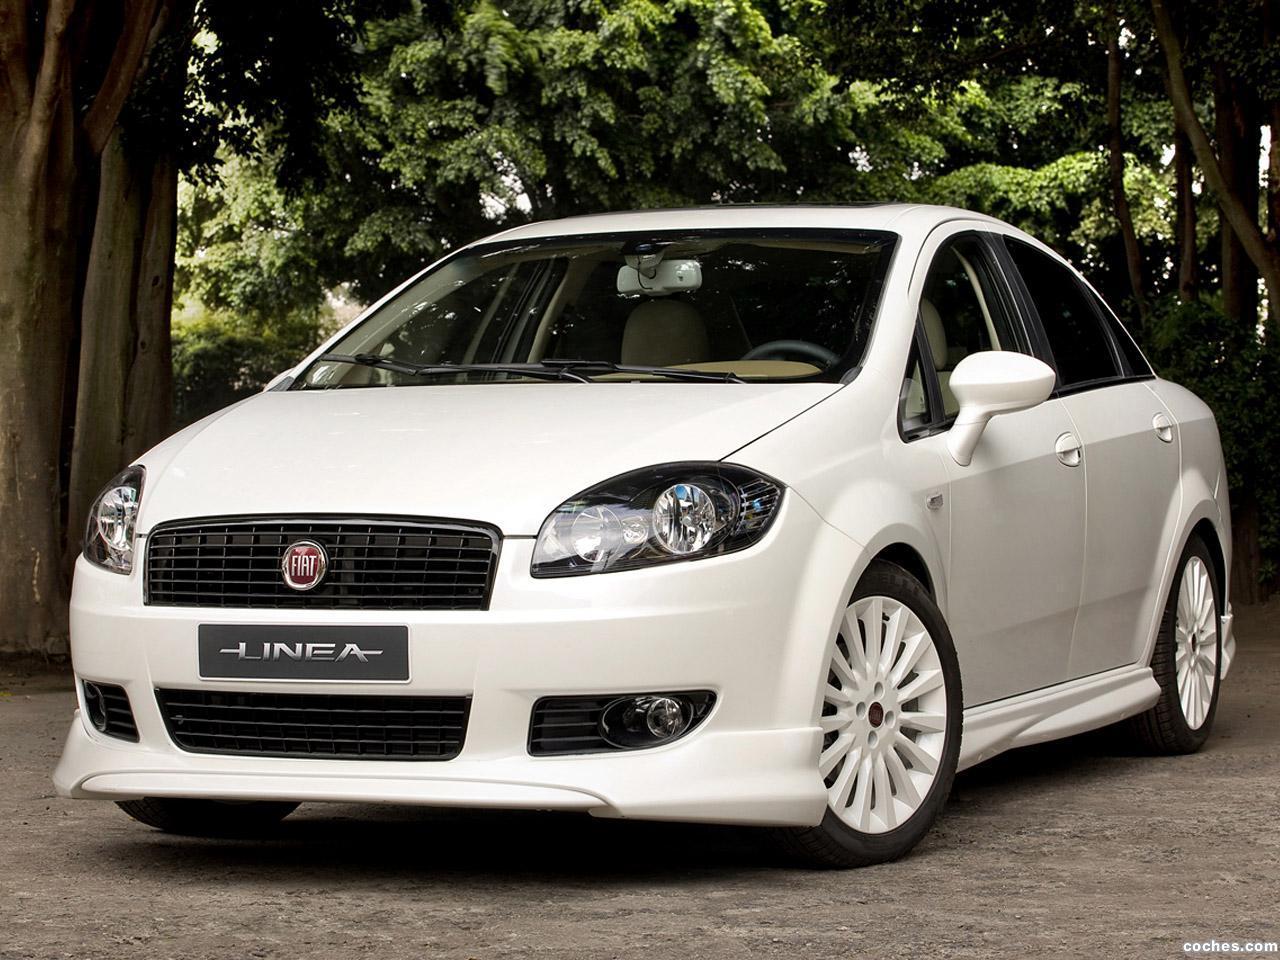 Foto 0 de Fiat Linea Monte Bianco Concept 2008